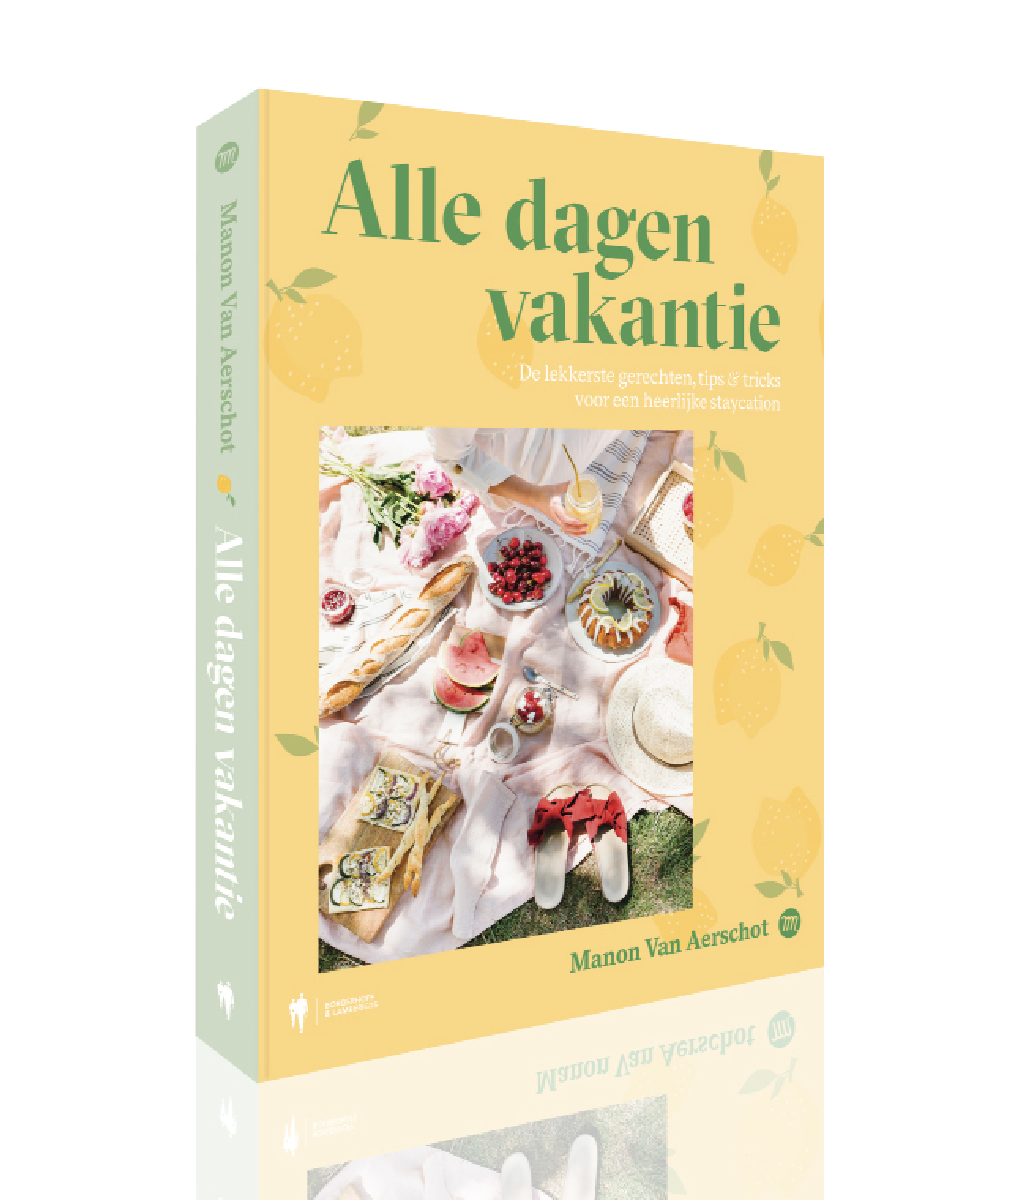 Koop een exemplaar van mijn tweede kookboek: Alle dagen vakantie